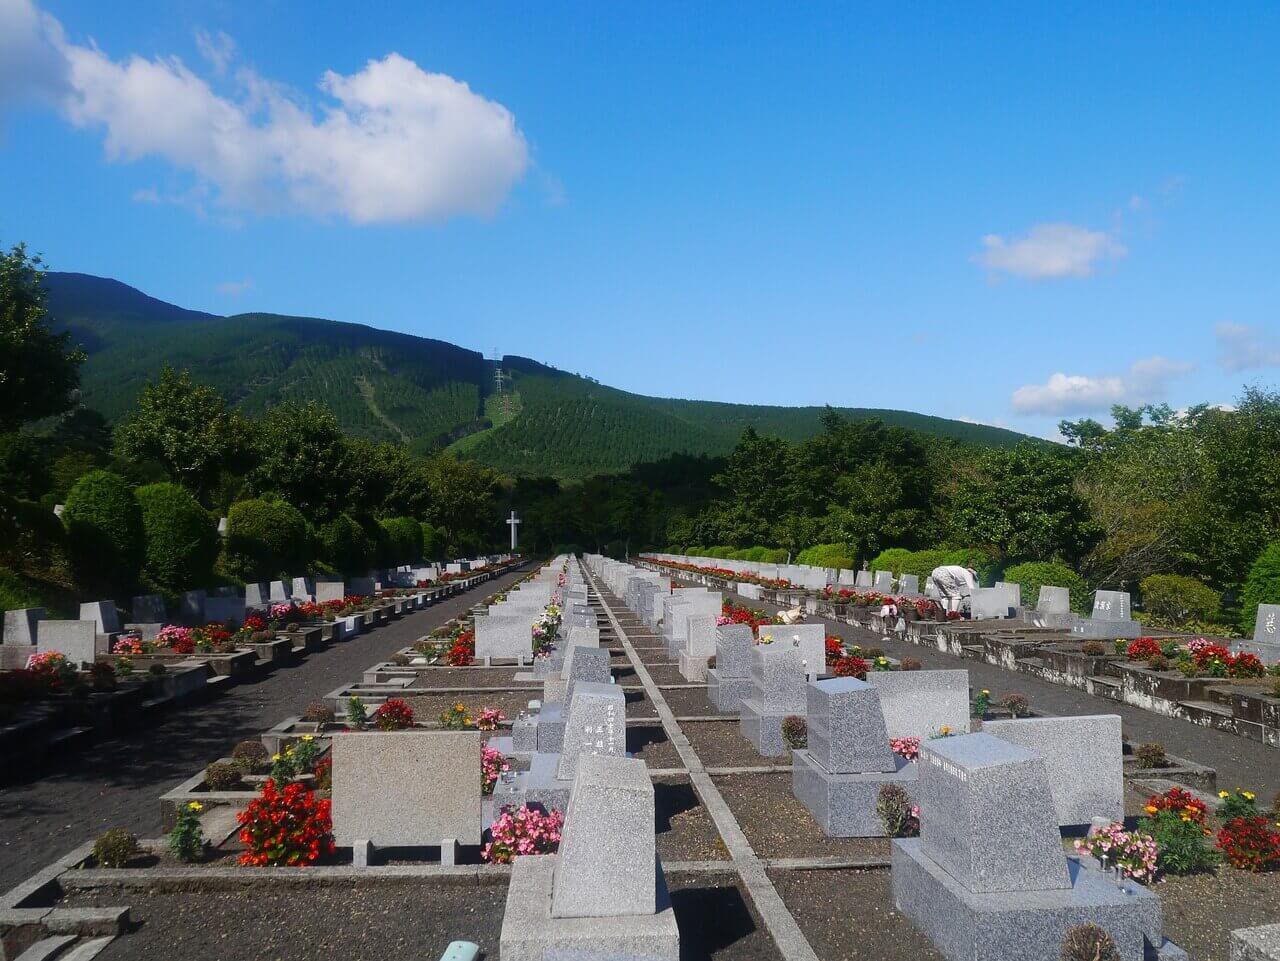 uslugi pogrzebowe z kremacja